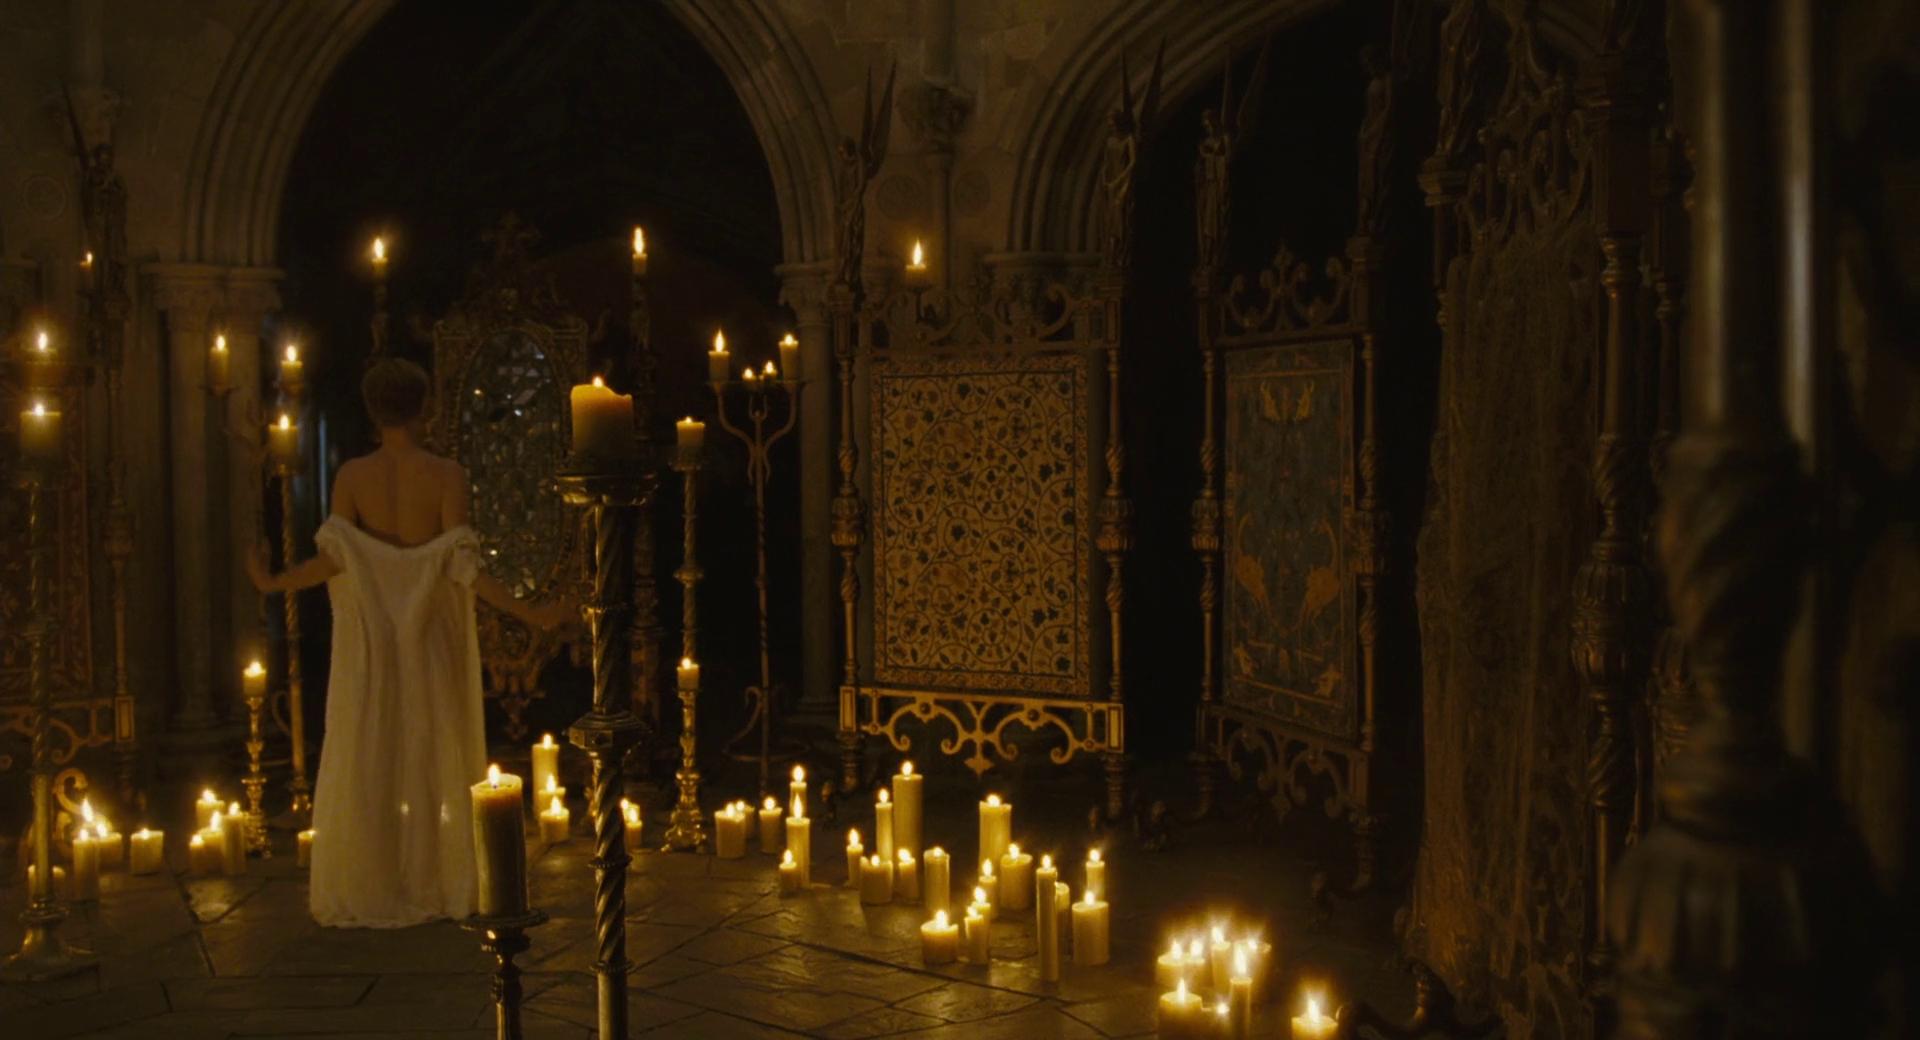 Елизавета Золотой век – Кейт Бланшетт